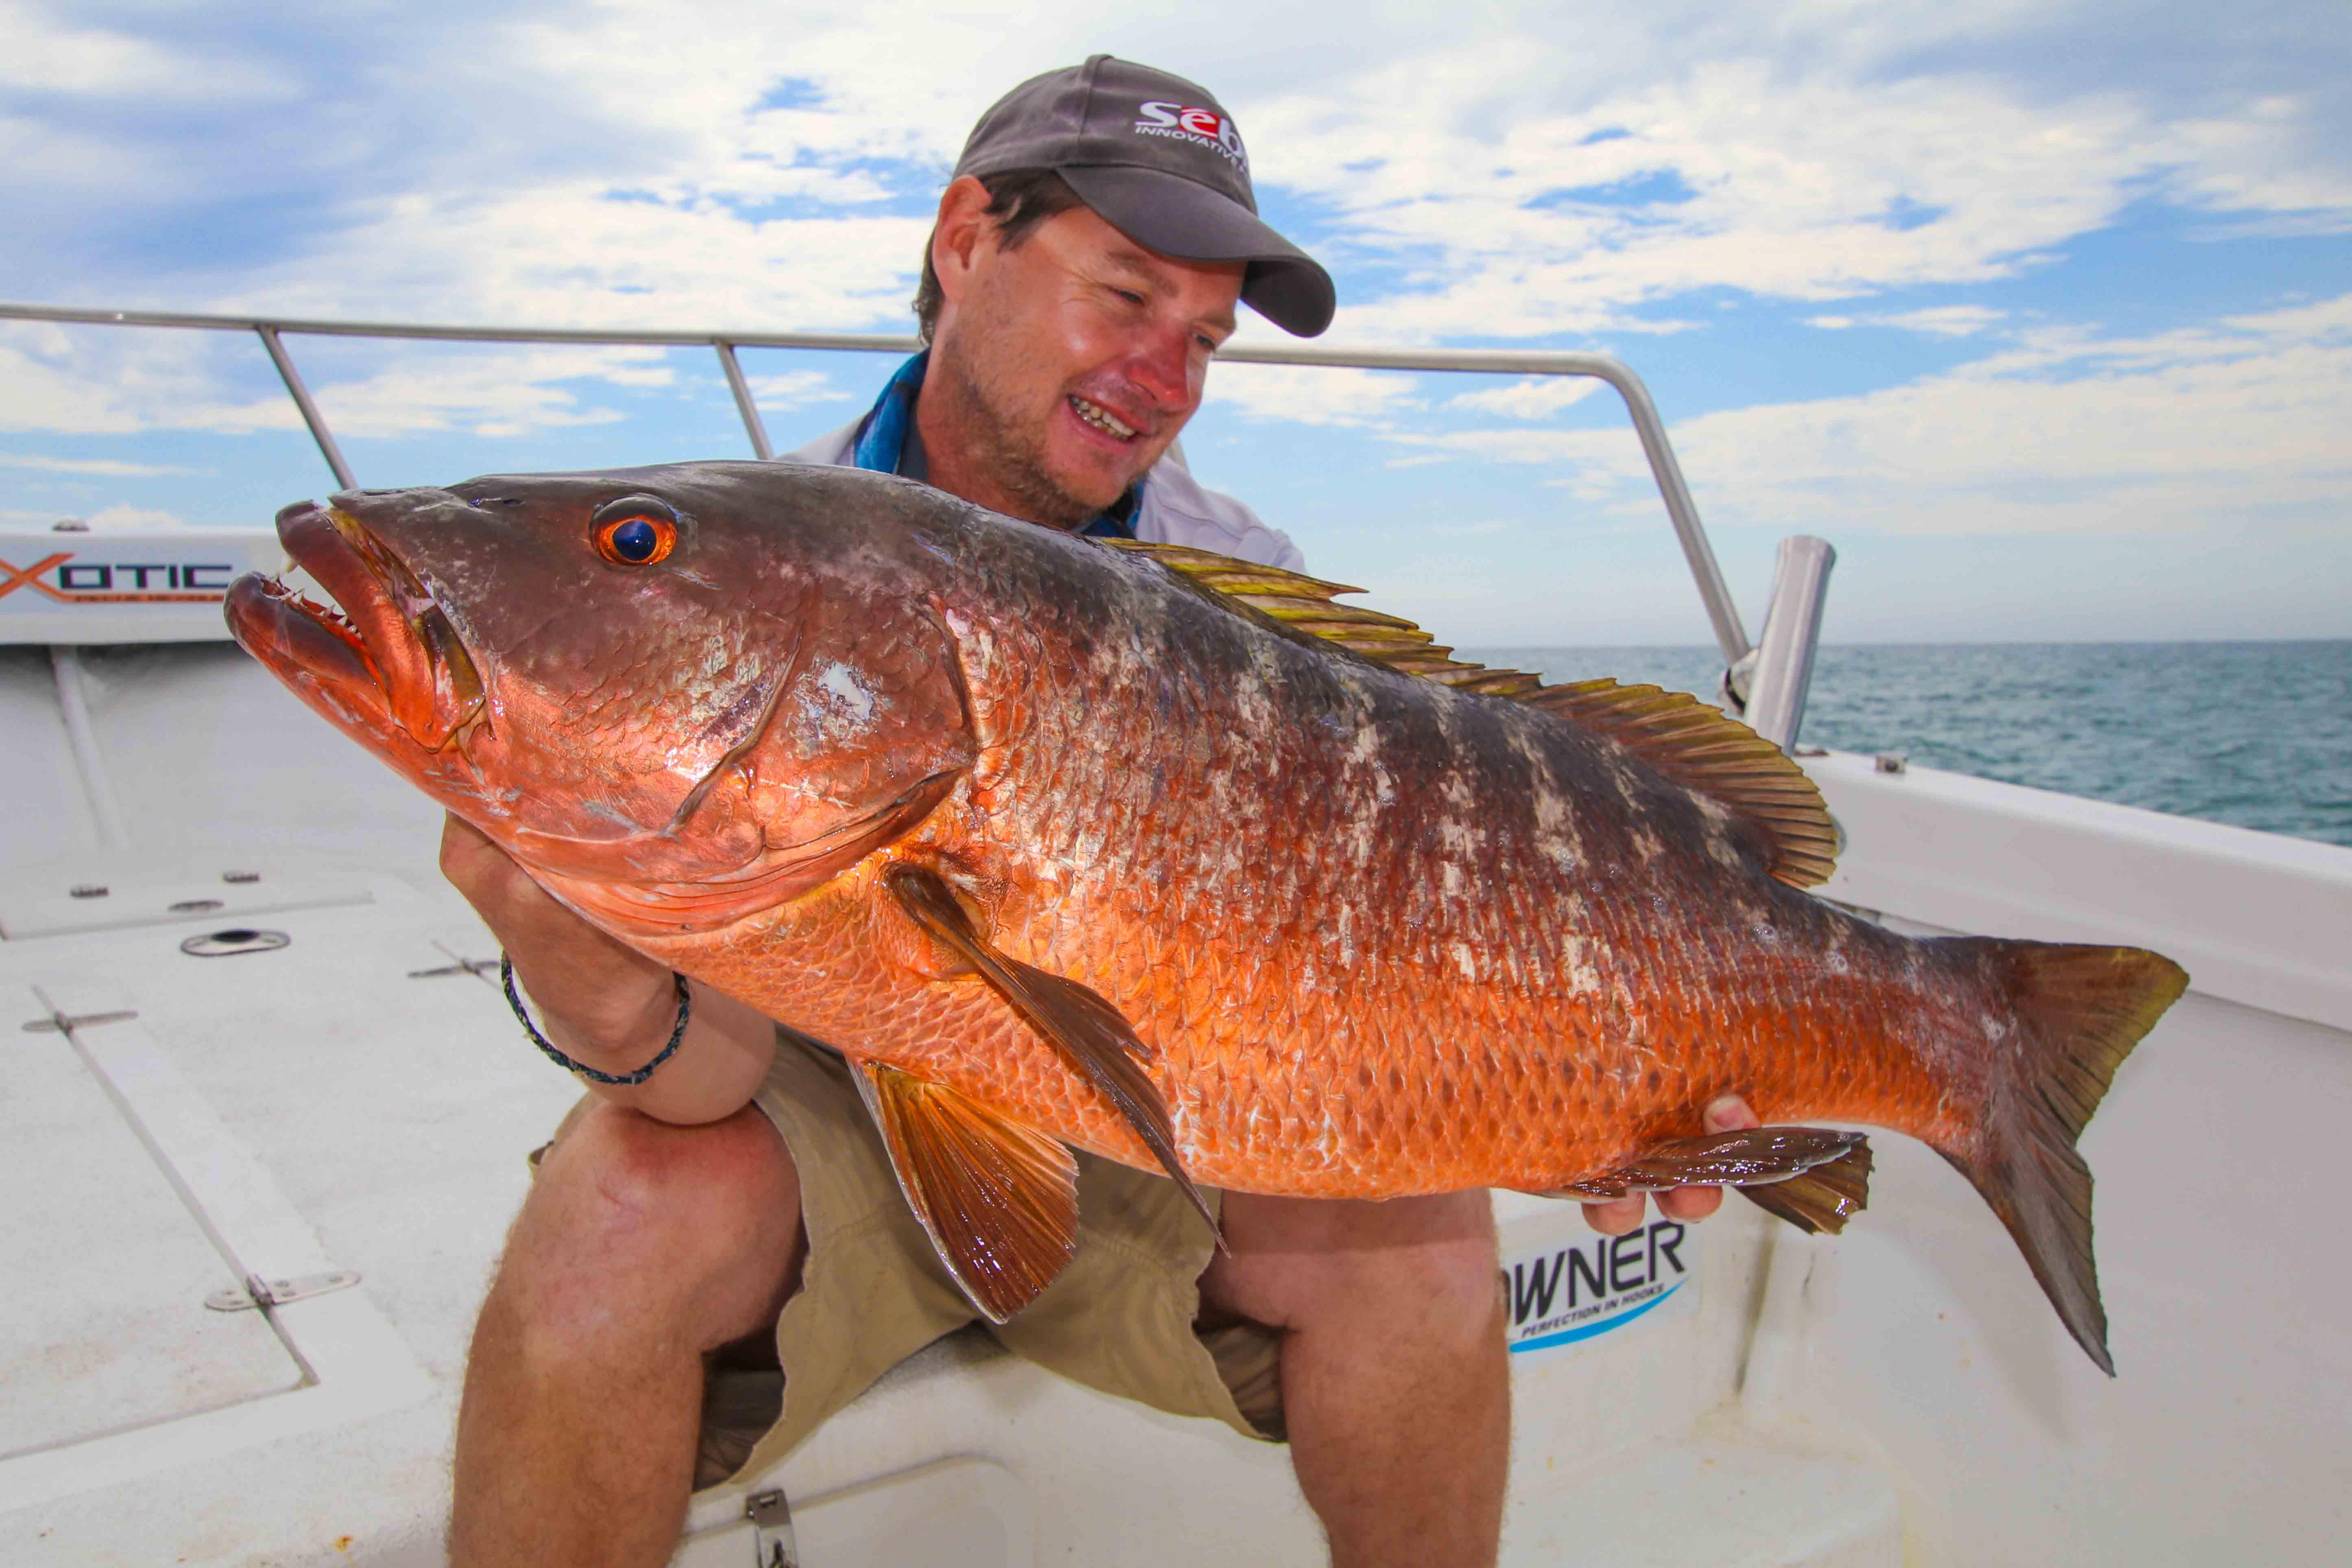 La p che aux p cheurs le thon 100 leurres d part pour for Gros poisson rouge